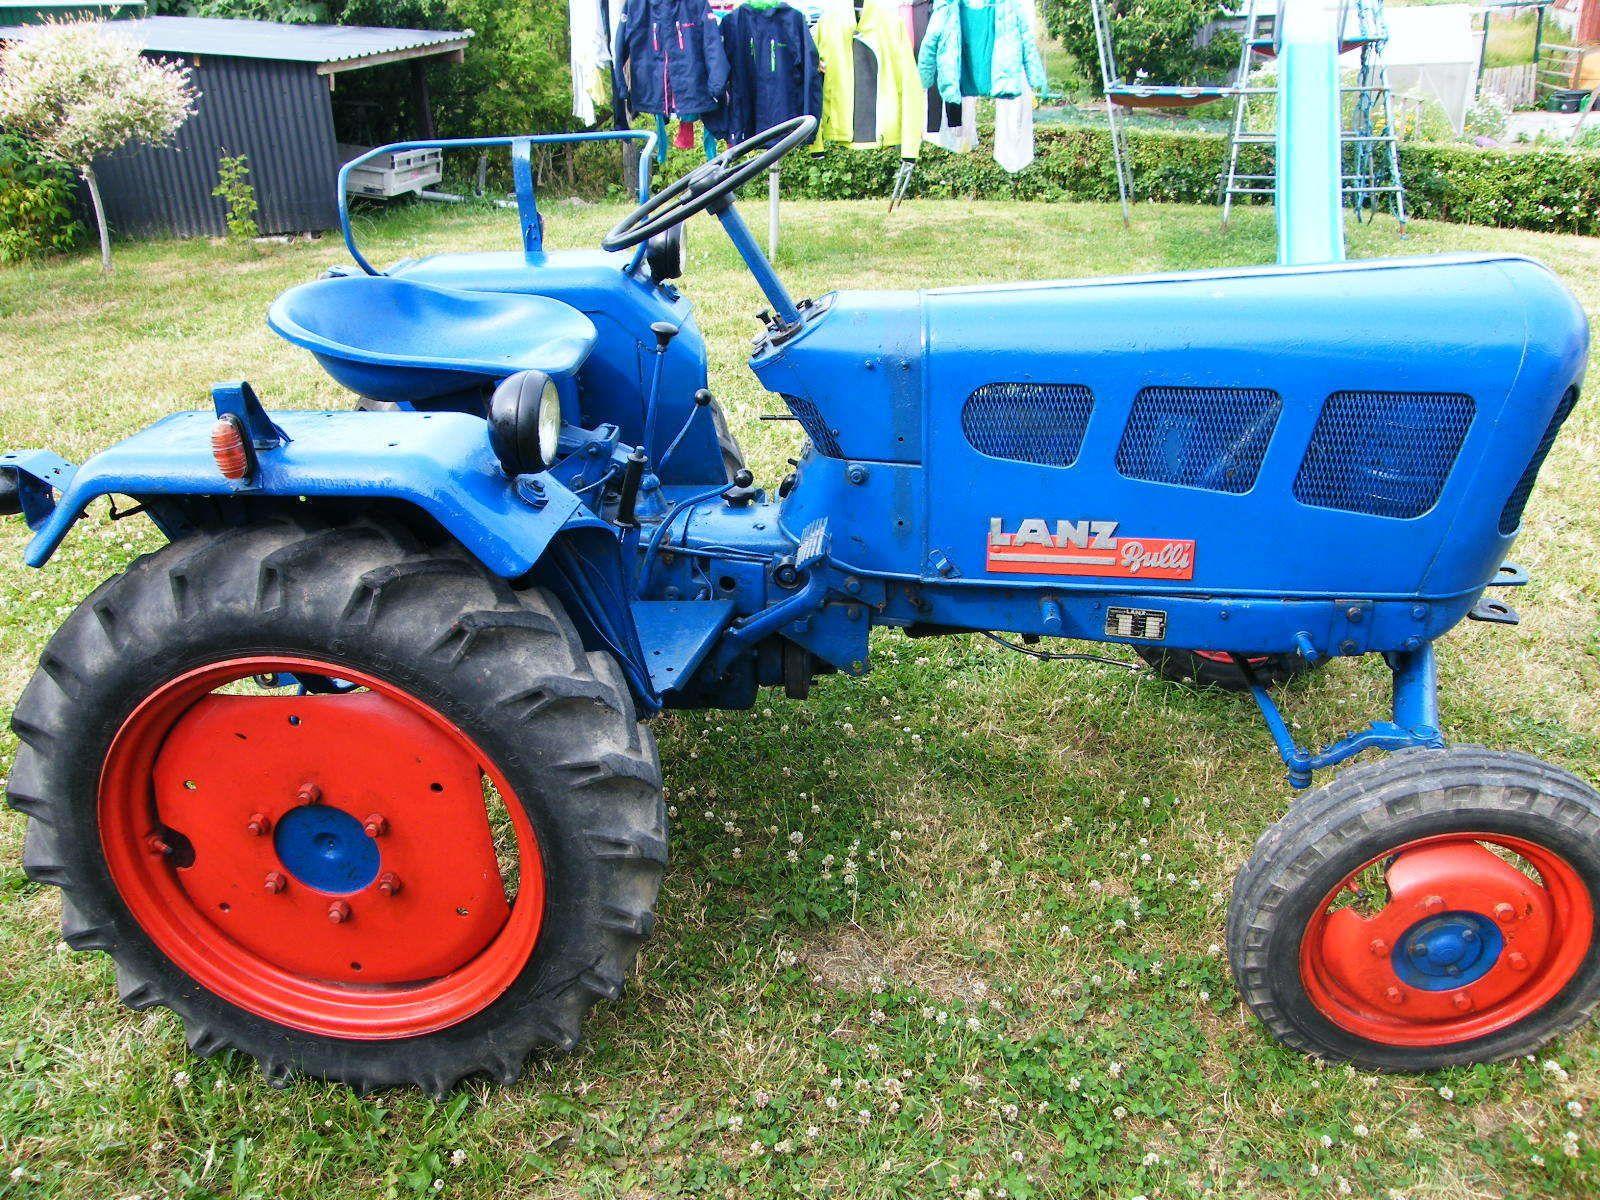 Lanz Bulldog Bulli 1106 Twn Motor Oldtimer Traktor Schlepper 1206 1306 Hydraulik Traktor Schlepper Oldtimer Traktoren Traktoren